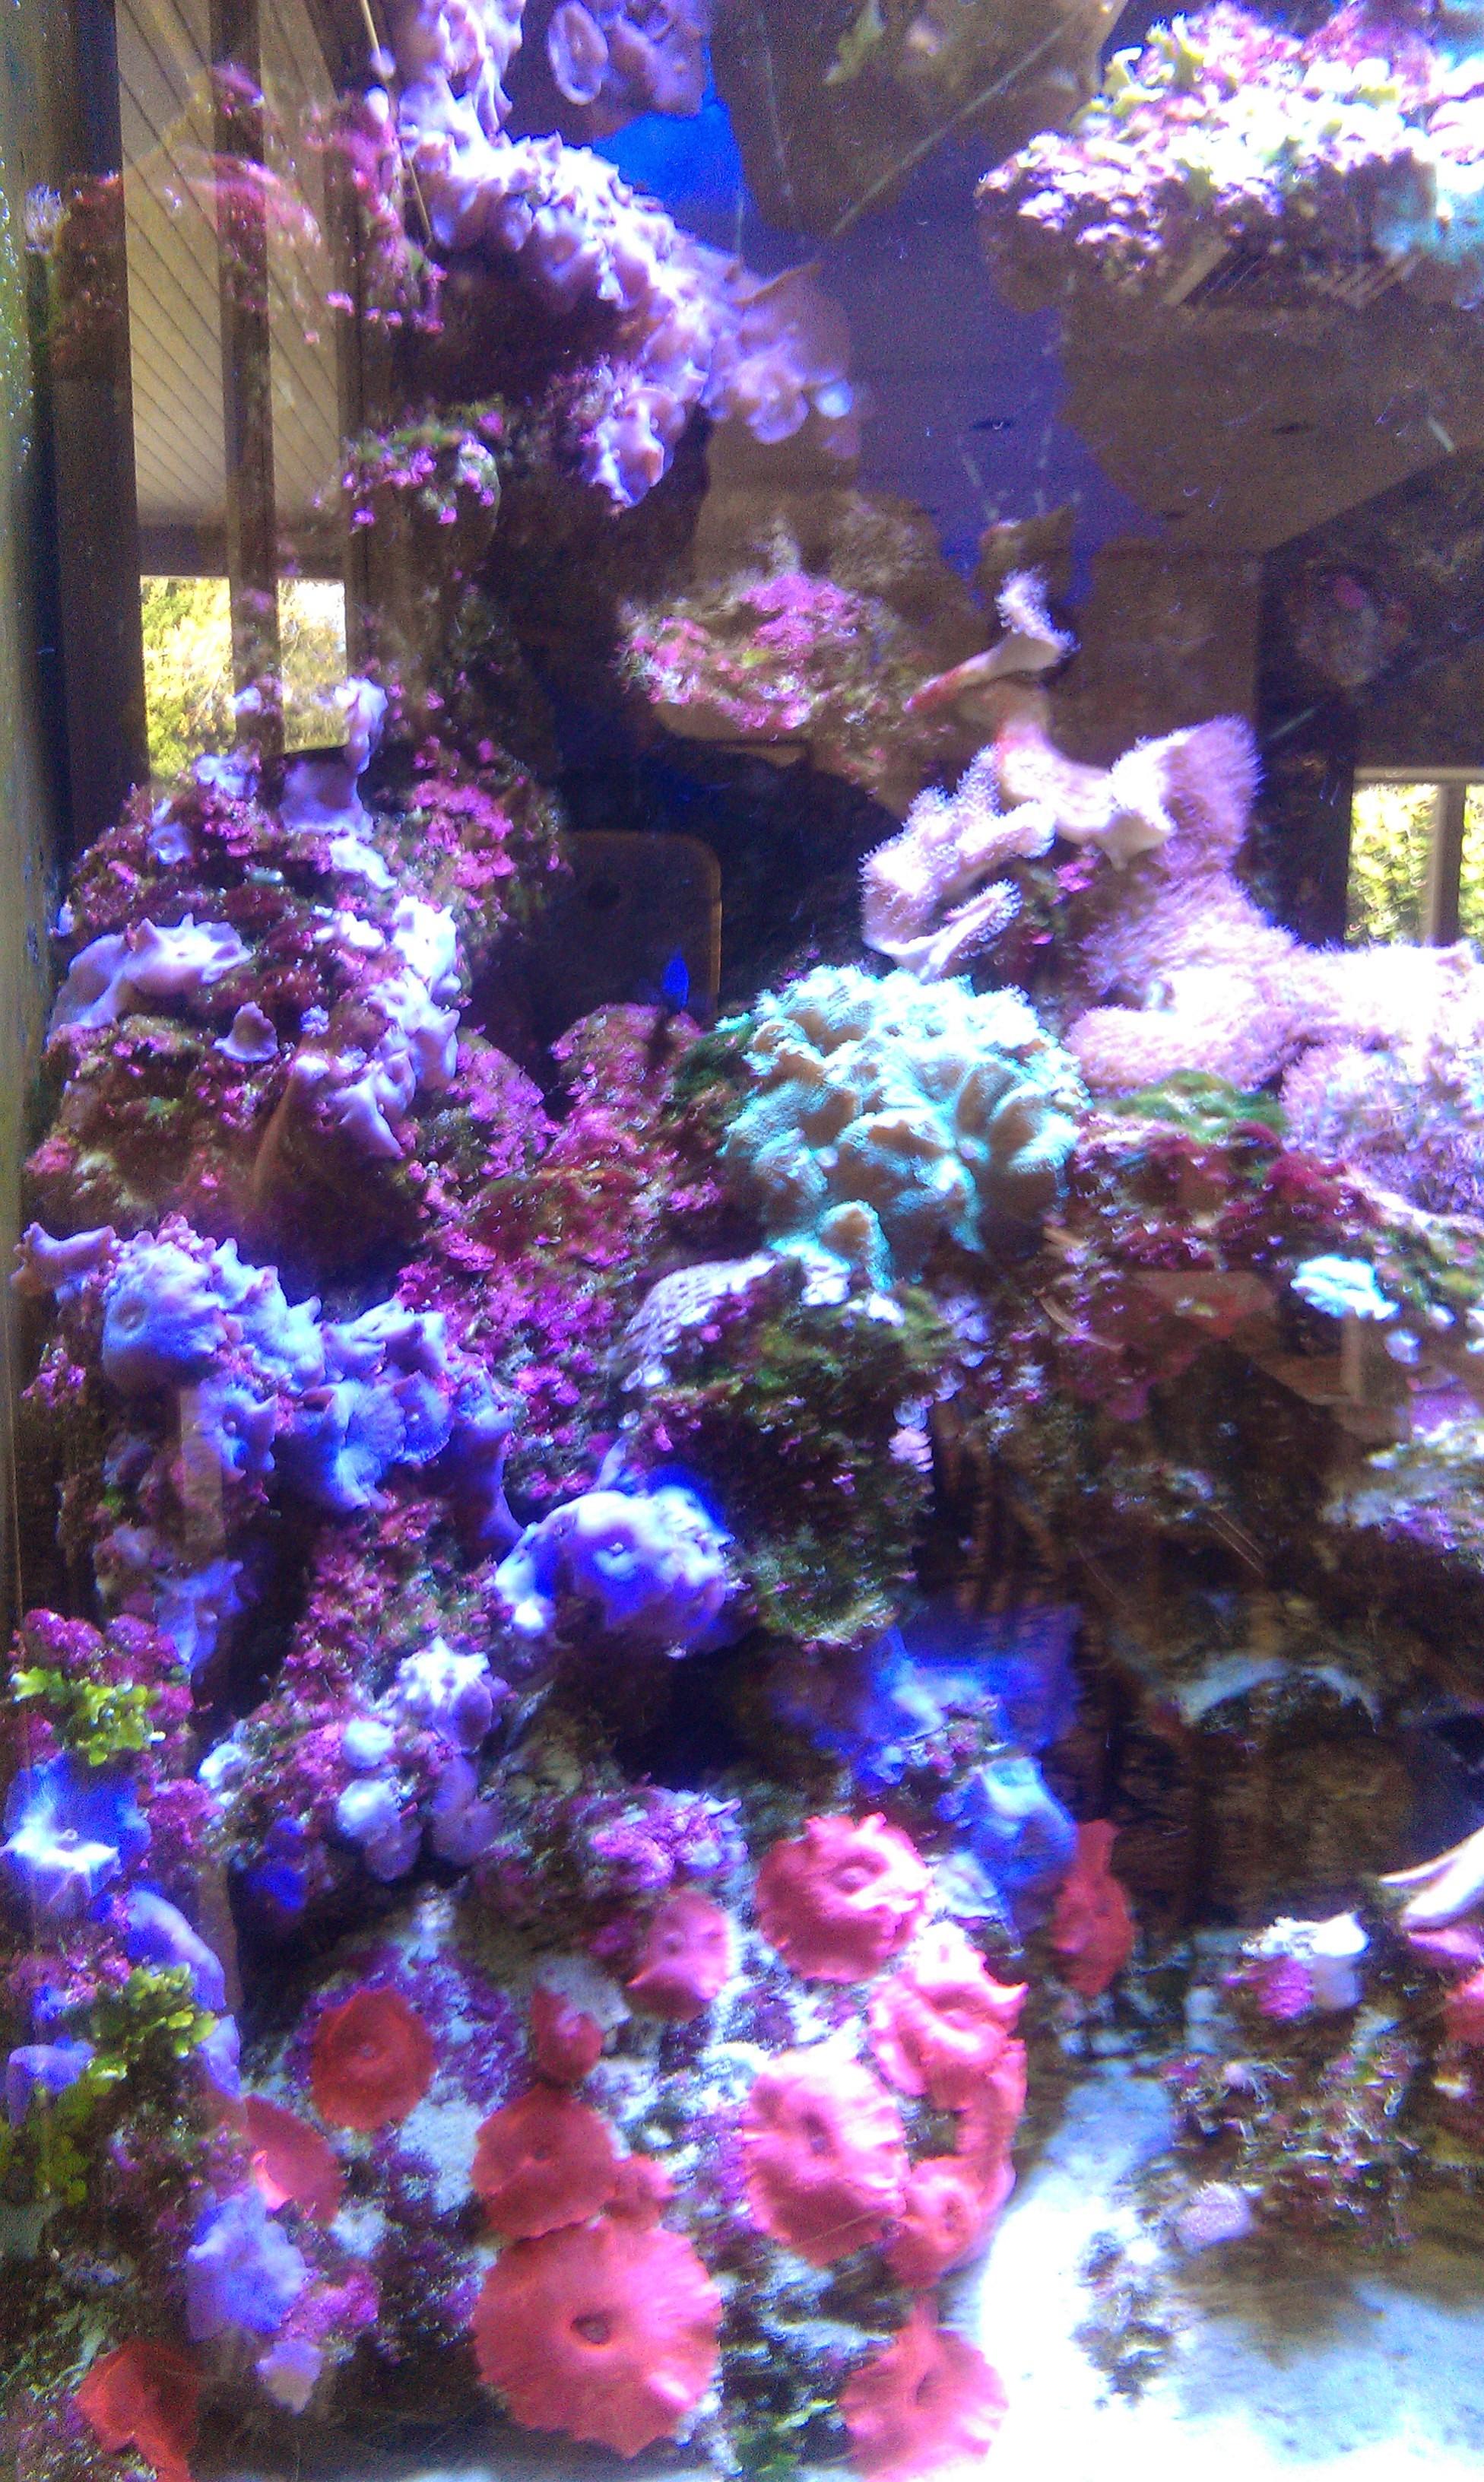 Marine reef aquarium